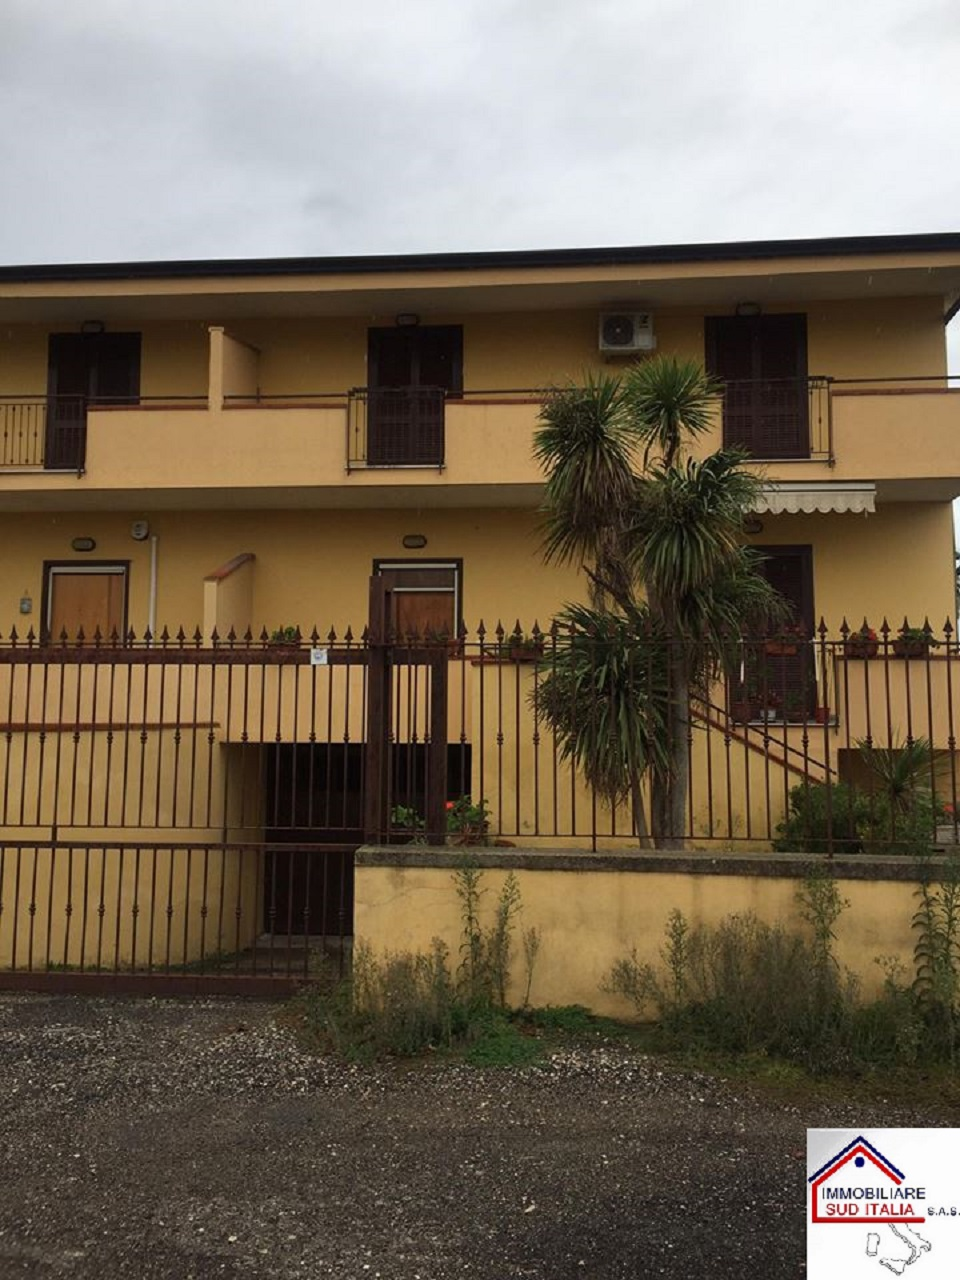 Villa in affitto a Giugliano in Campania, 4 locali, zona Zona: Varcaturo, prezzo € 800 | CambioCasa.it